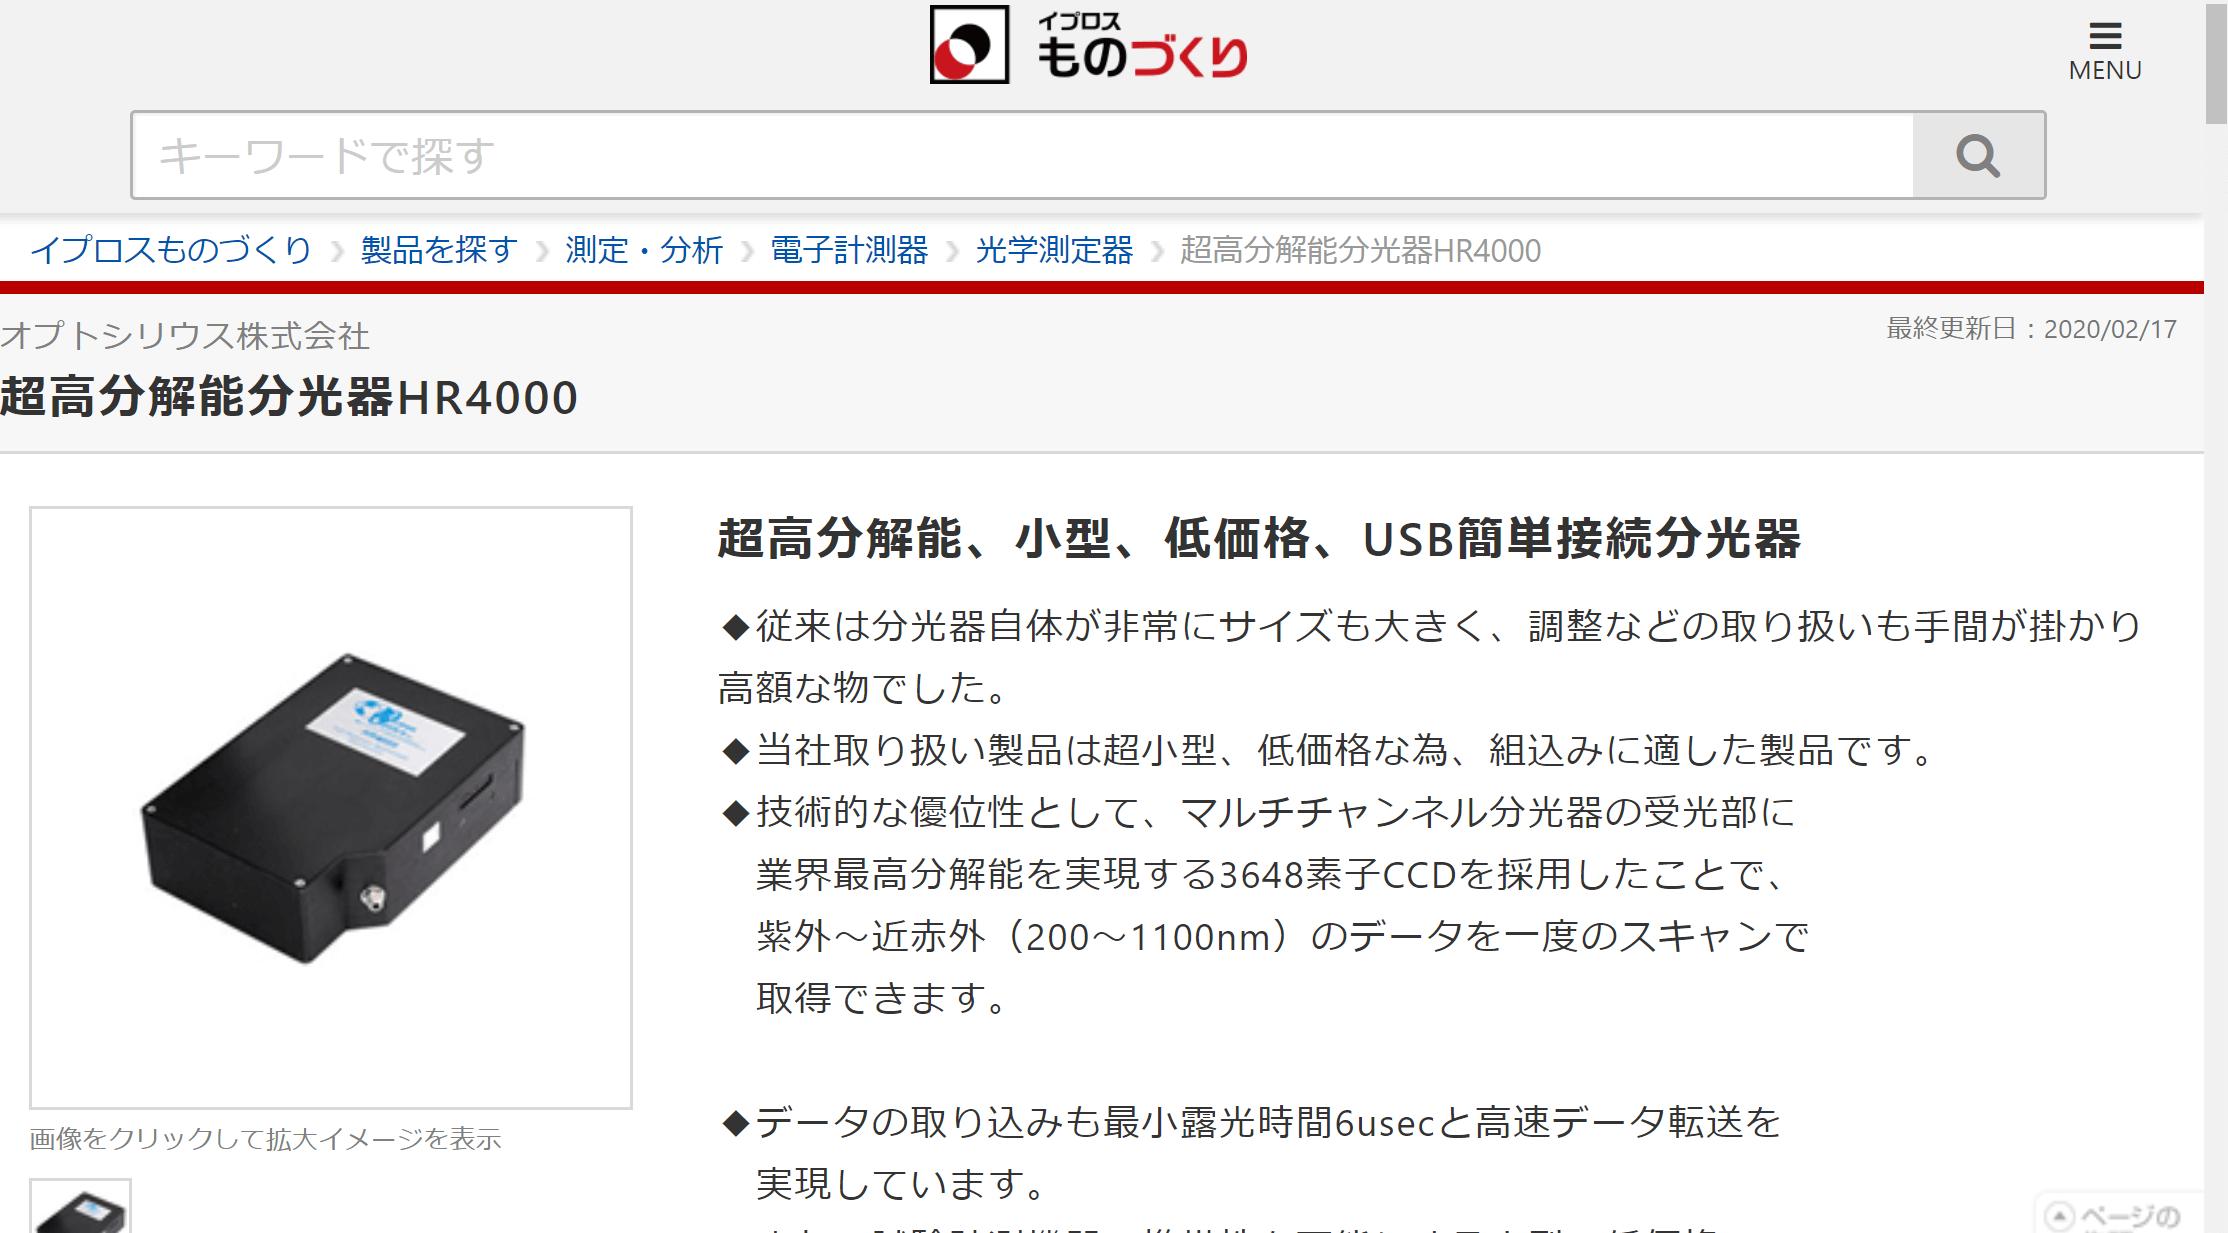 超高分解能分光器HR4000